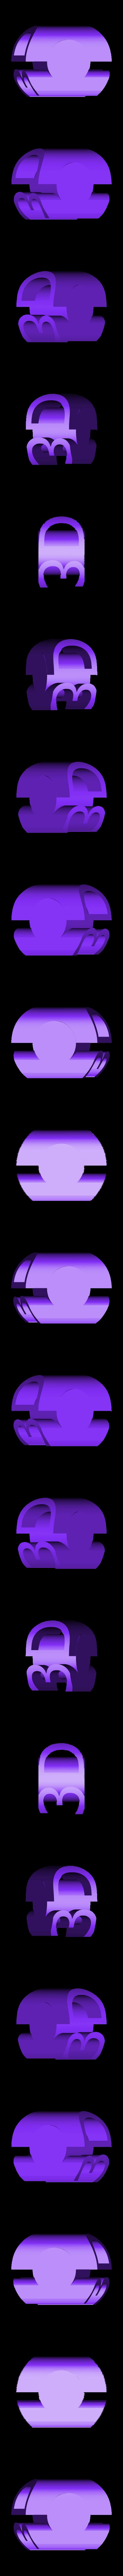 Cylinder3D_1.stl Télécharger fichier STL gratuit 3D Cylinder • Modèle pour imprimante 3D, MosaicManufacturing